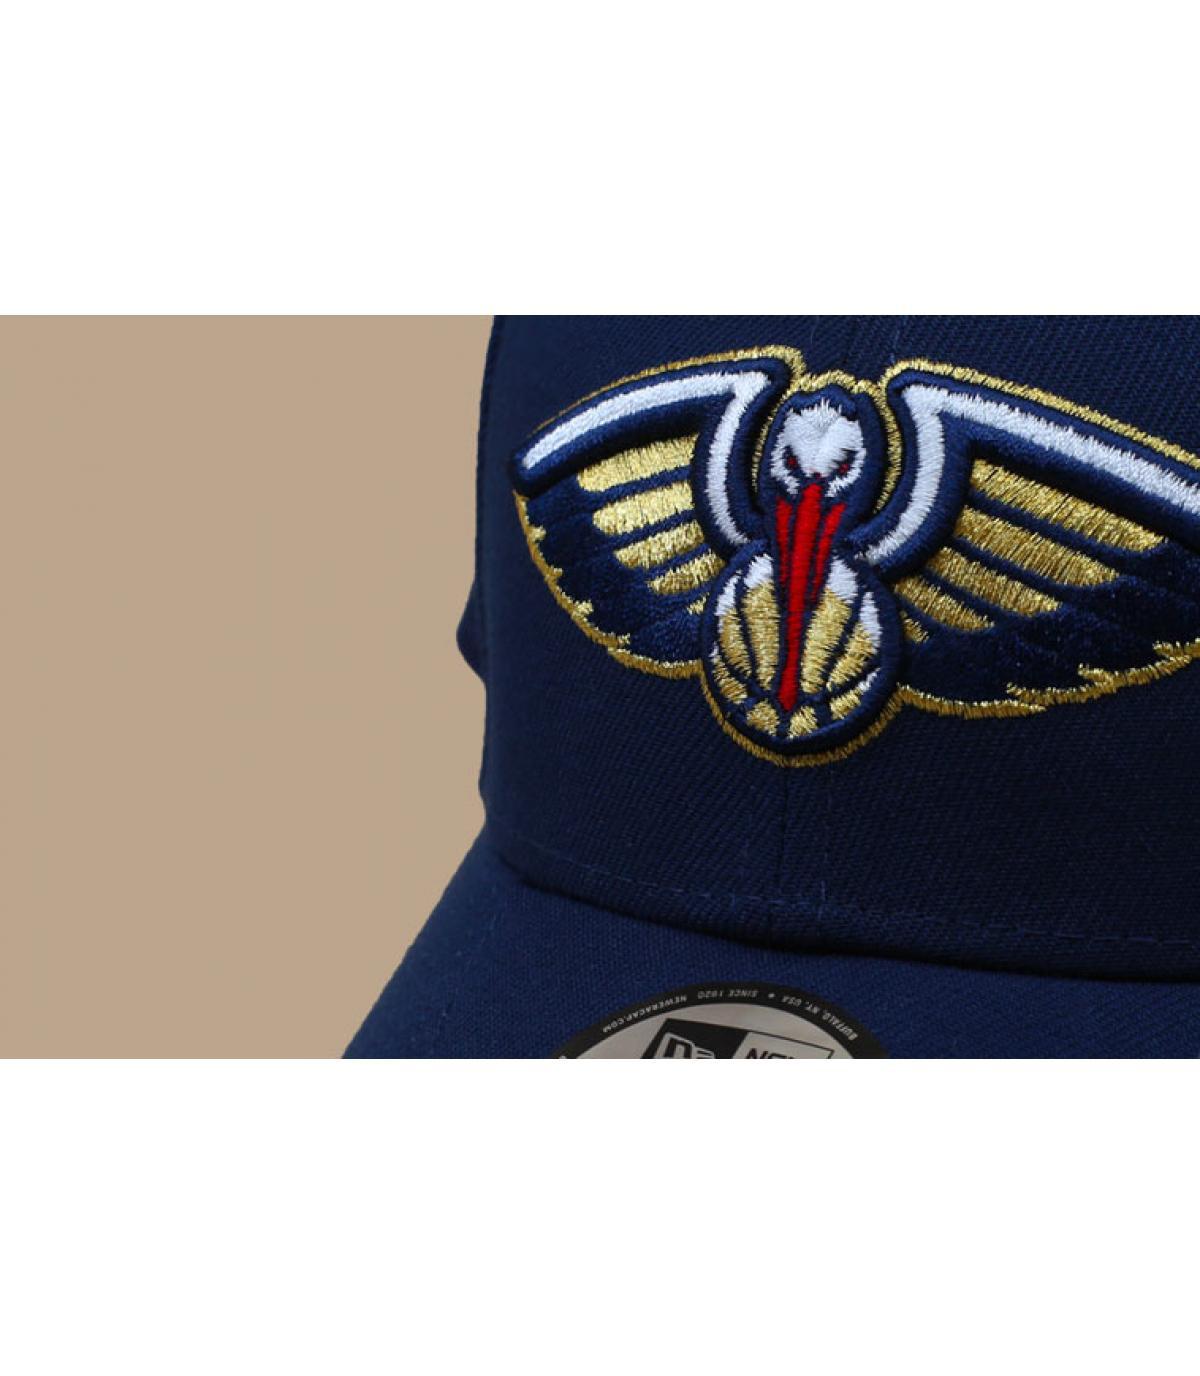 Détails Casquette Pelicans NBA The League - image 3